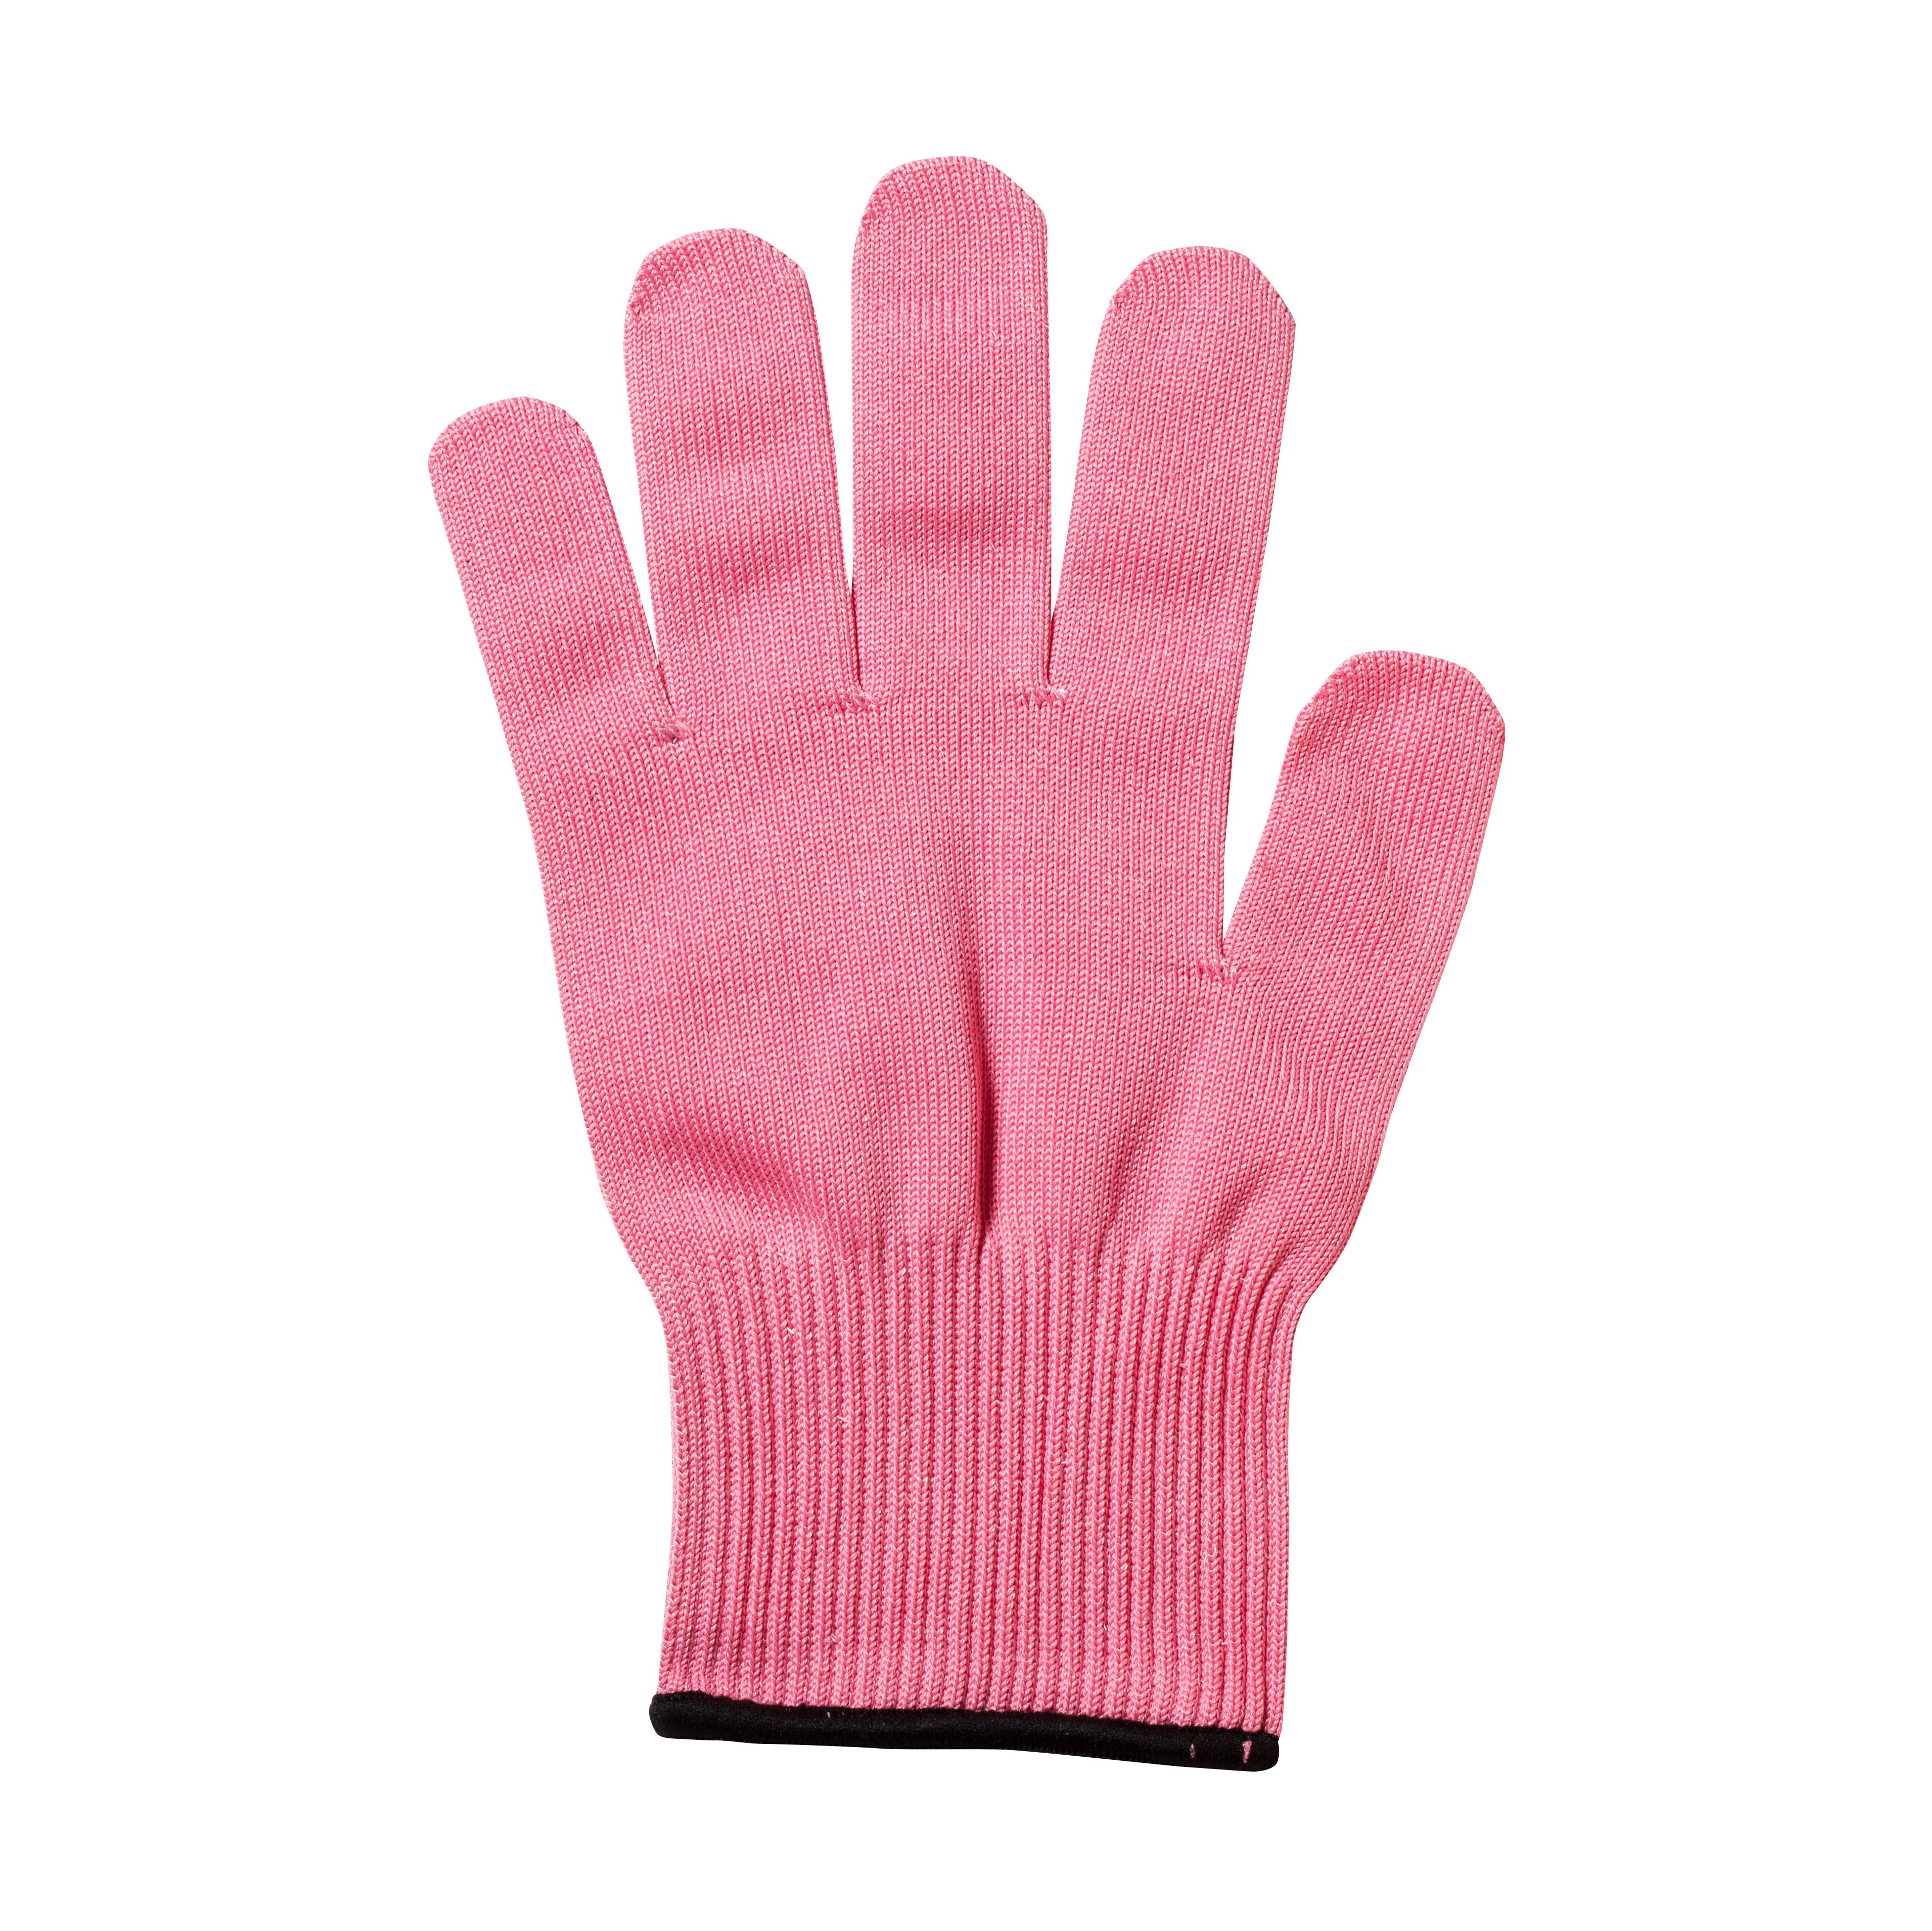 Mercer Culinary M33415PKL glove, cut resistant